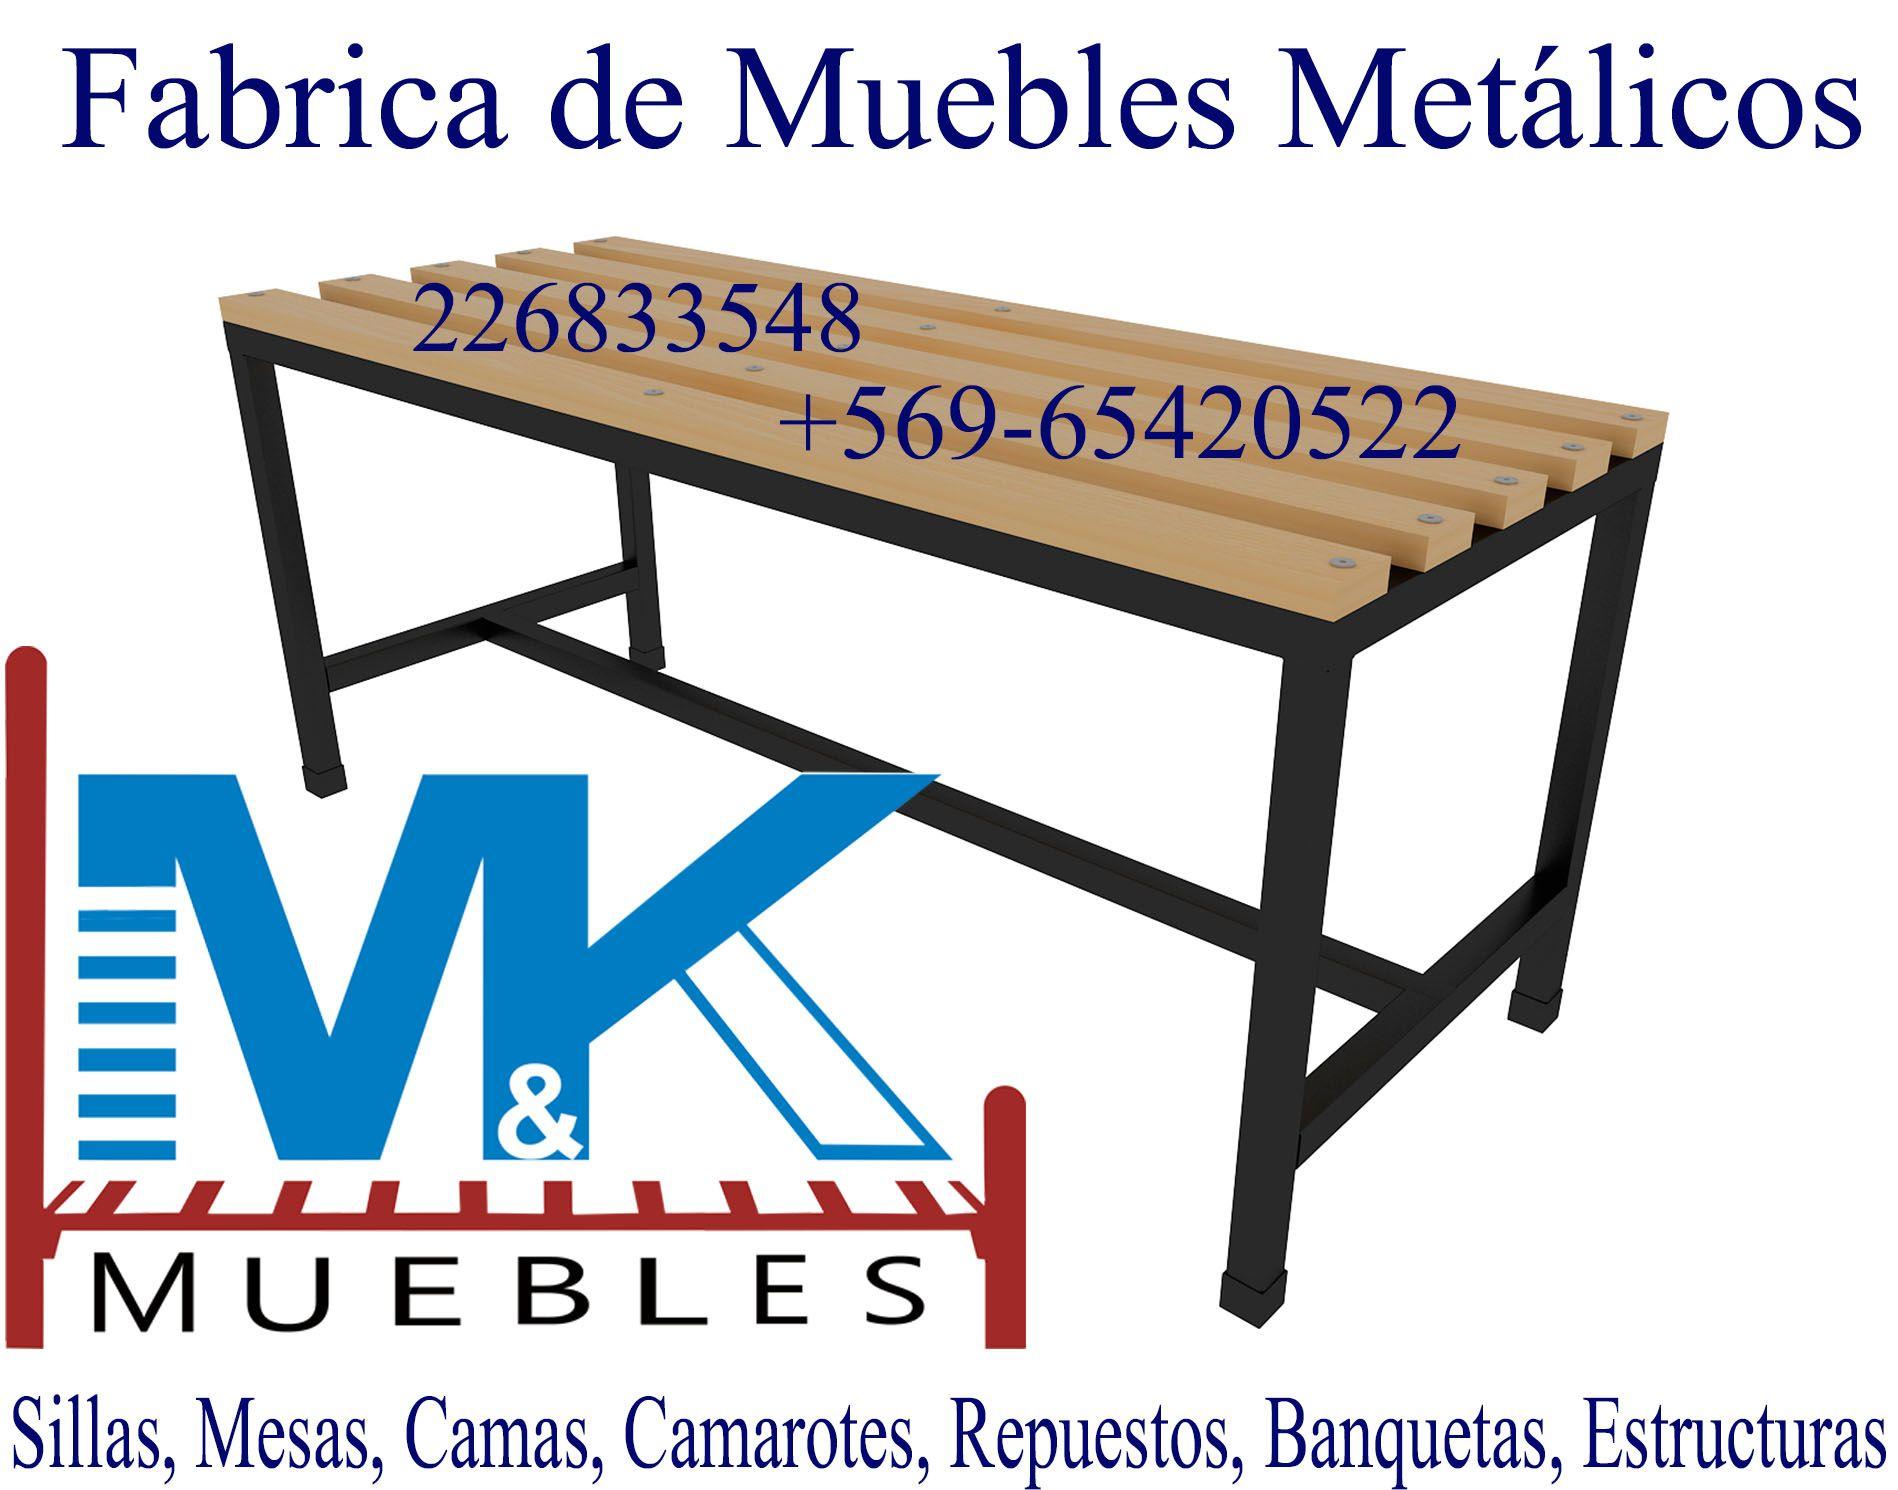 SILLAS MESAS CAMAS CAMAROTES | SILLAS METALICAS - FABRICA DE MUEBLES ...